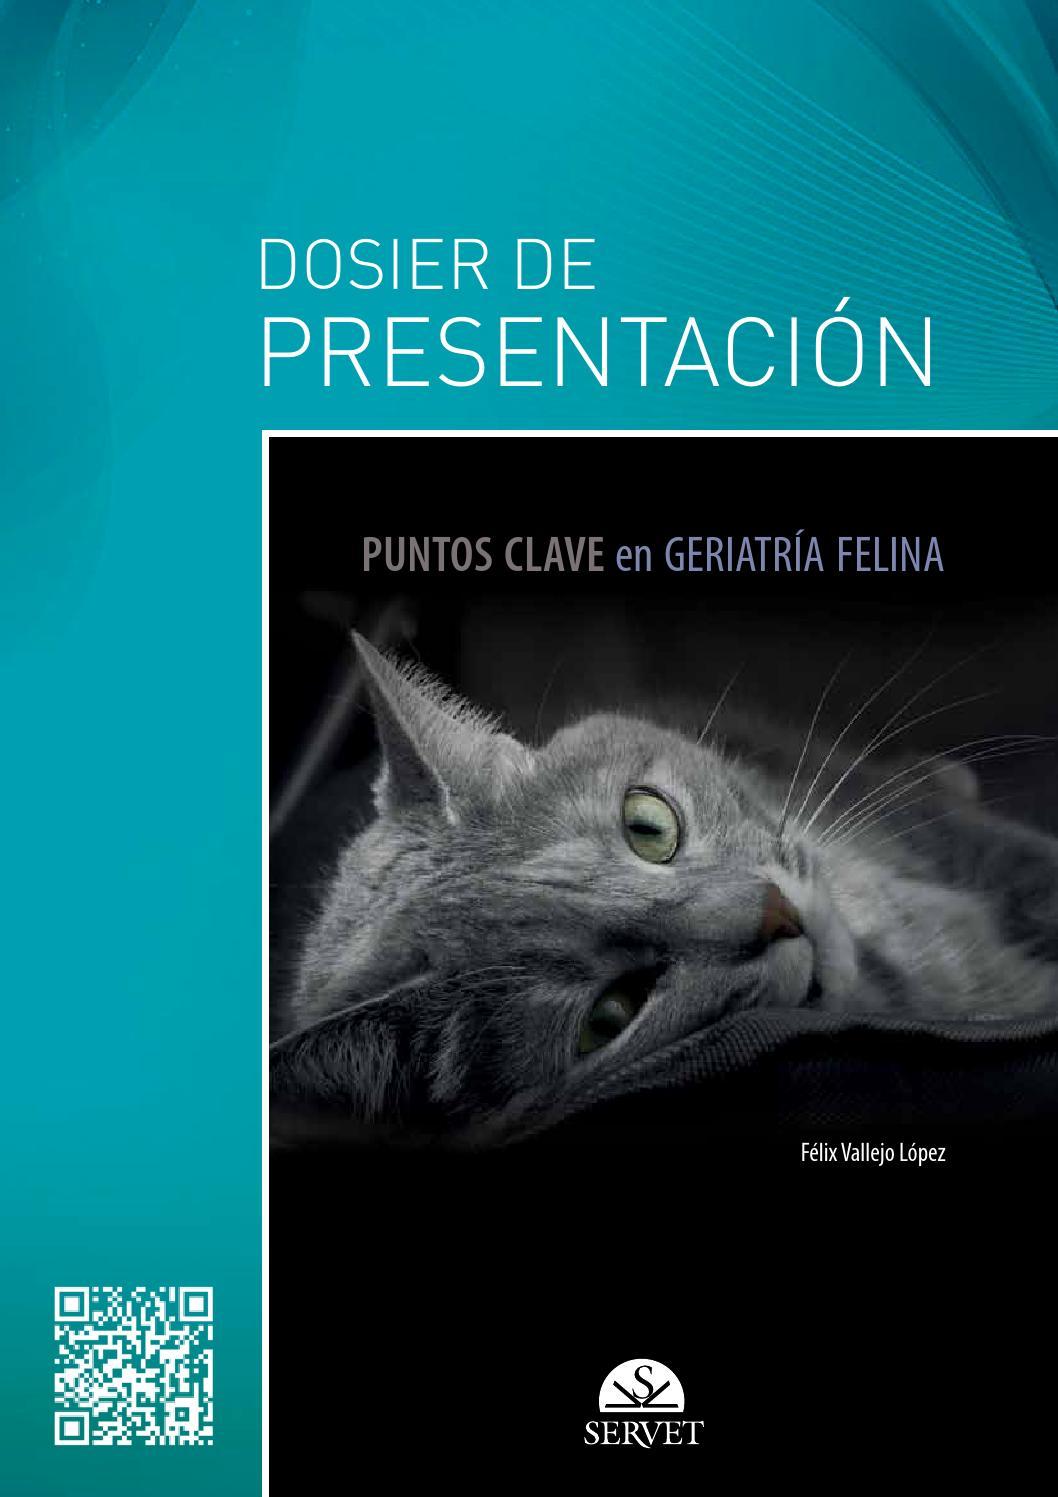 Puntos clave en geriatría felina by Grupo Asís - issuu